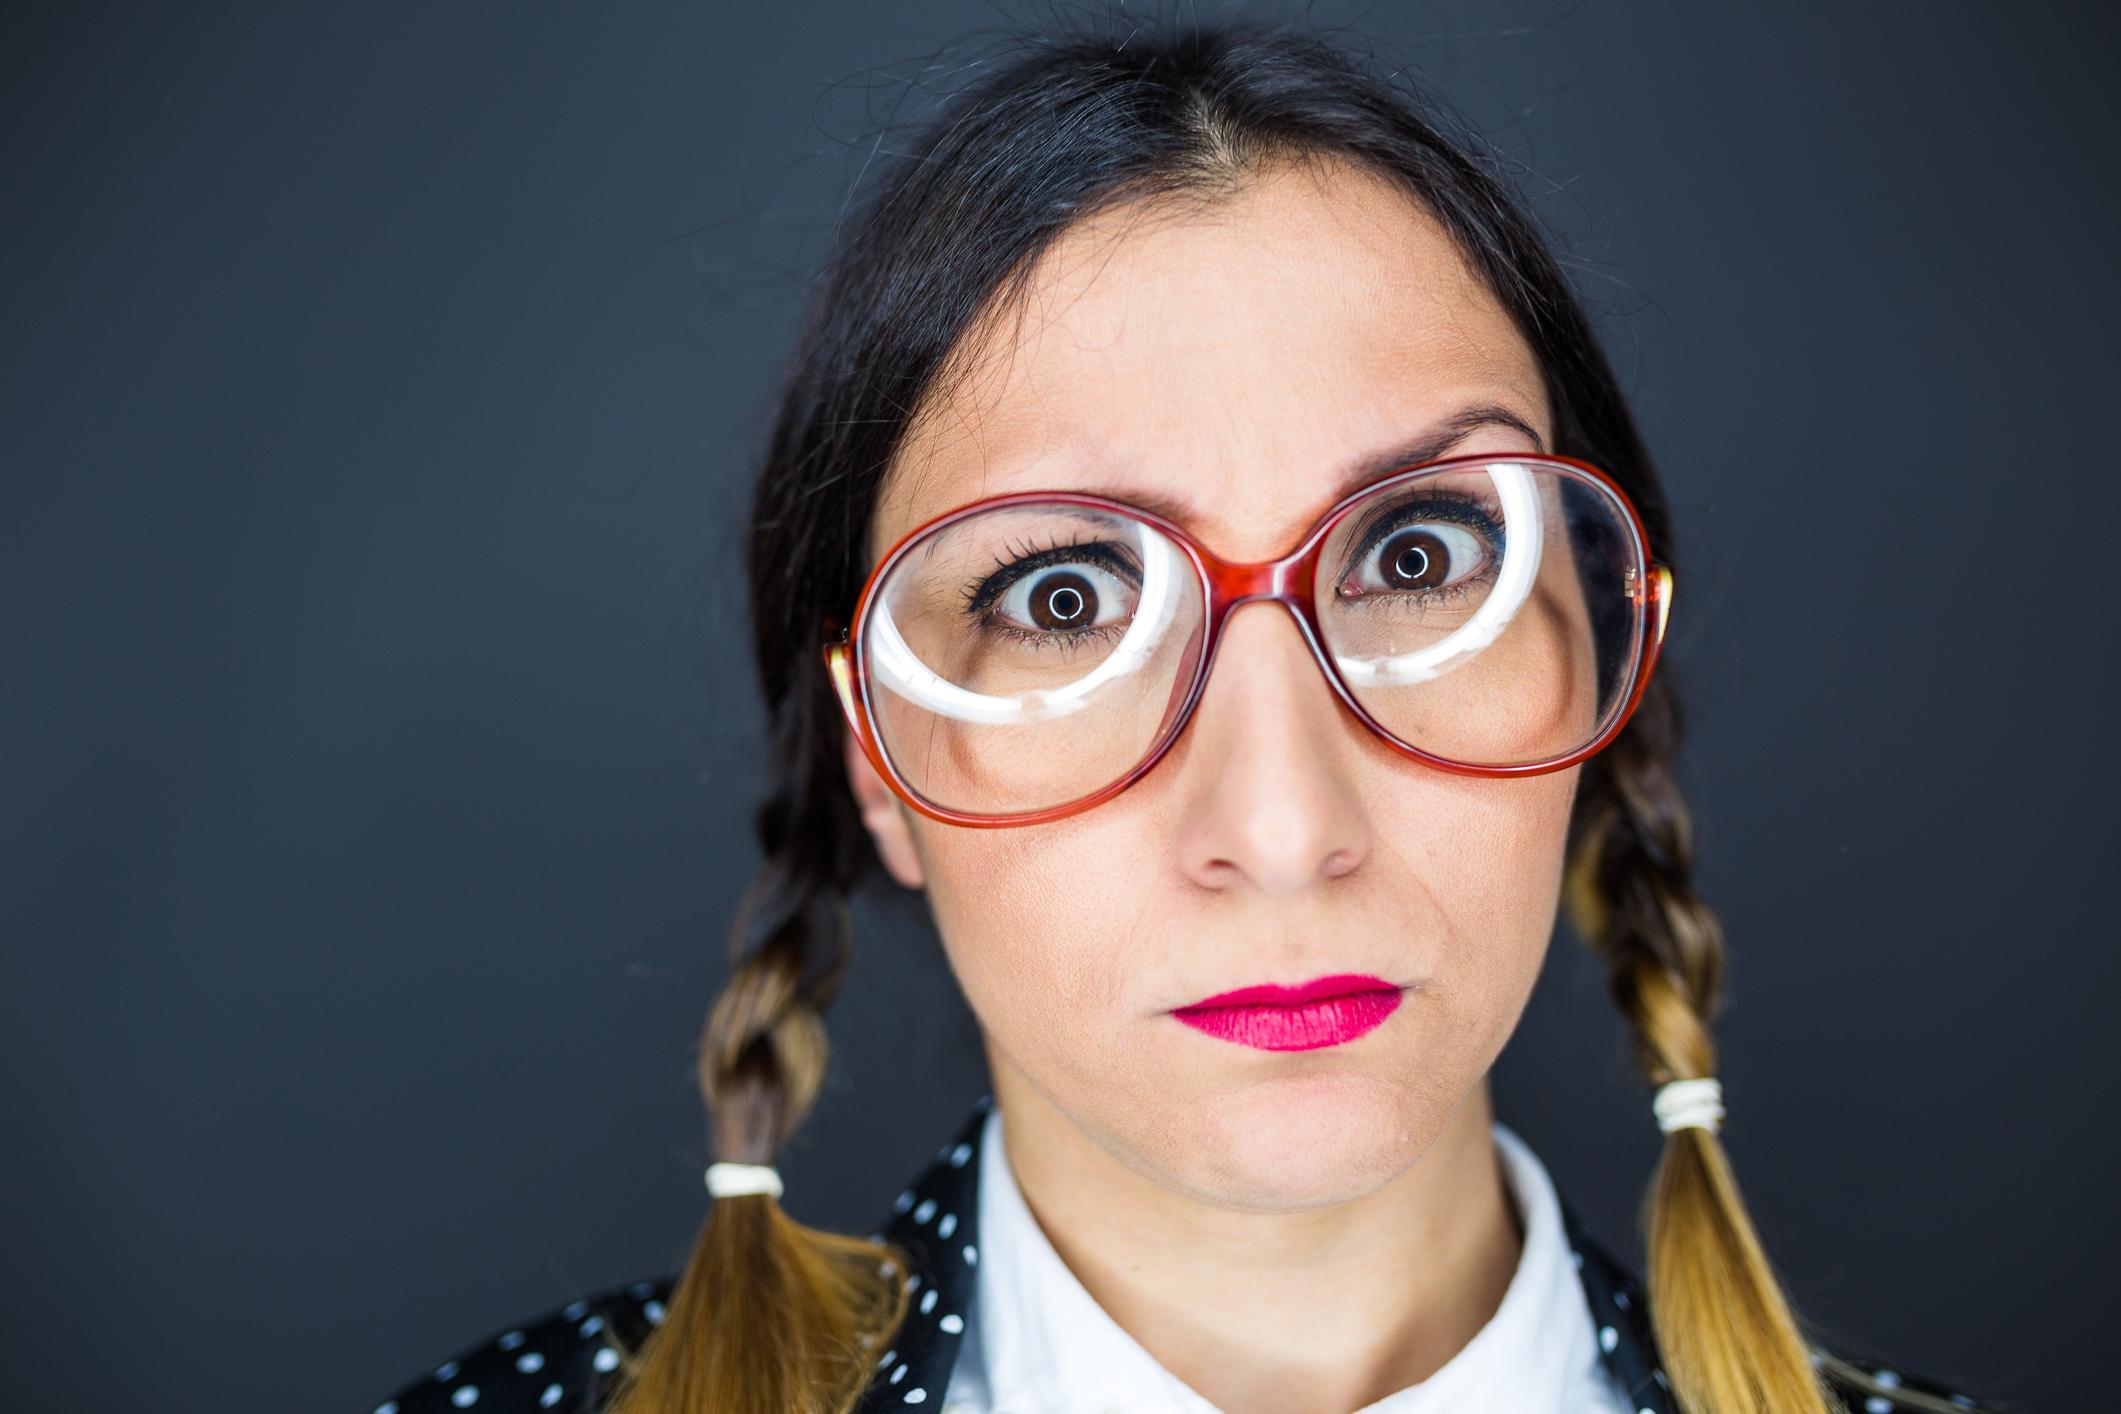 Funny nerd woman grimacing